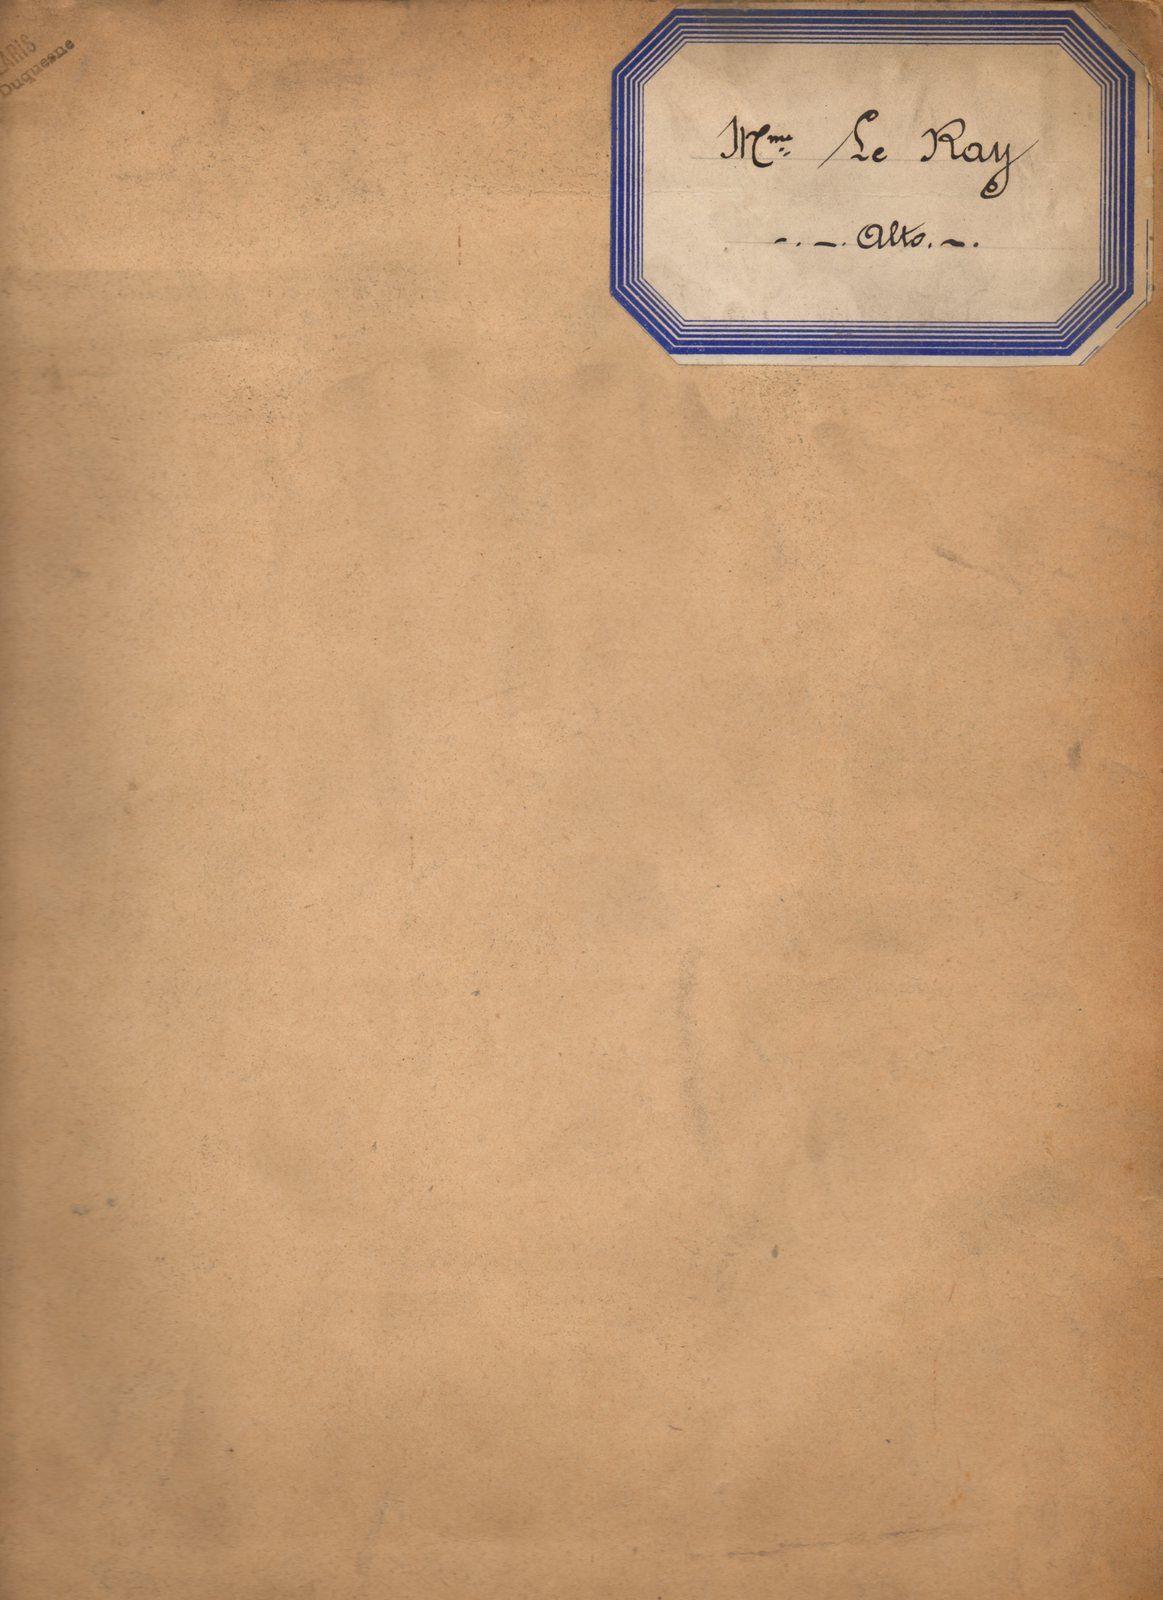 Vêpres du Saint Jour de Pâques selon le rite parisien (1934, 1935 et 1936)